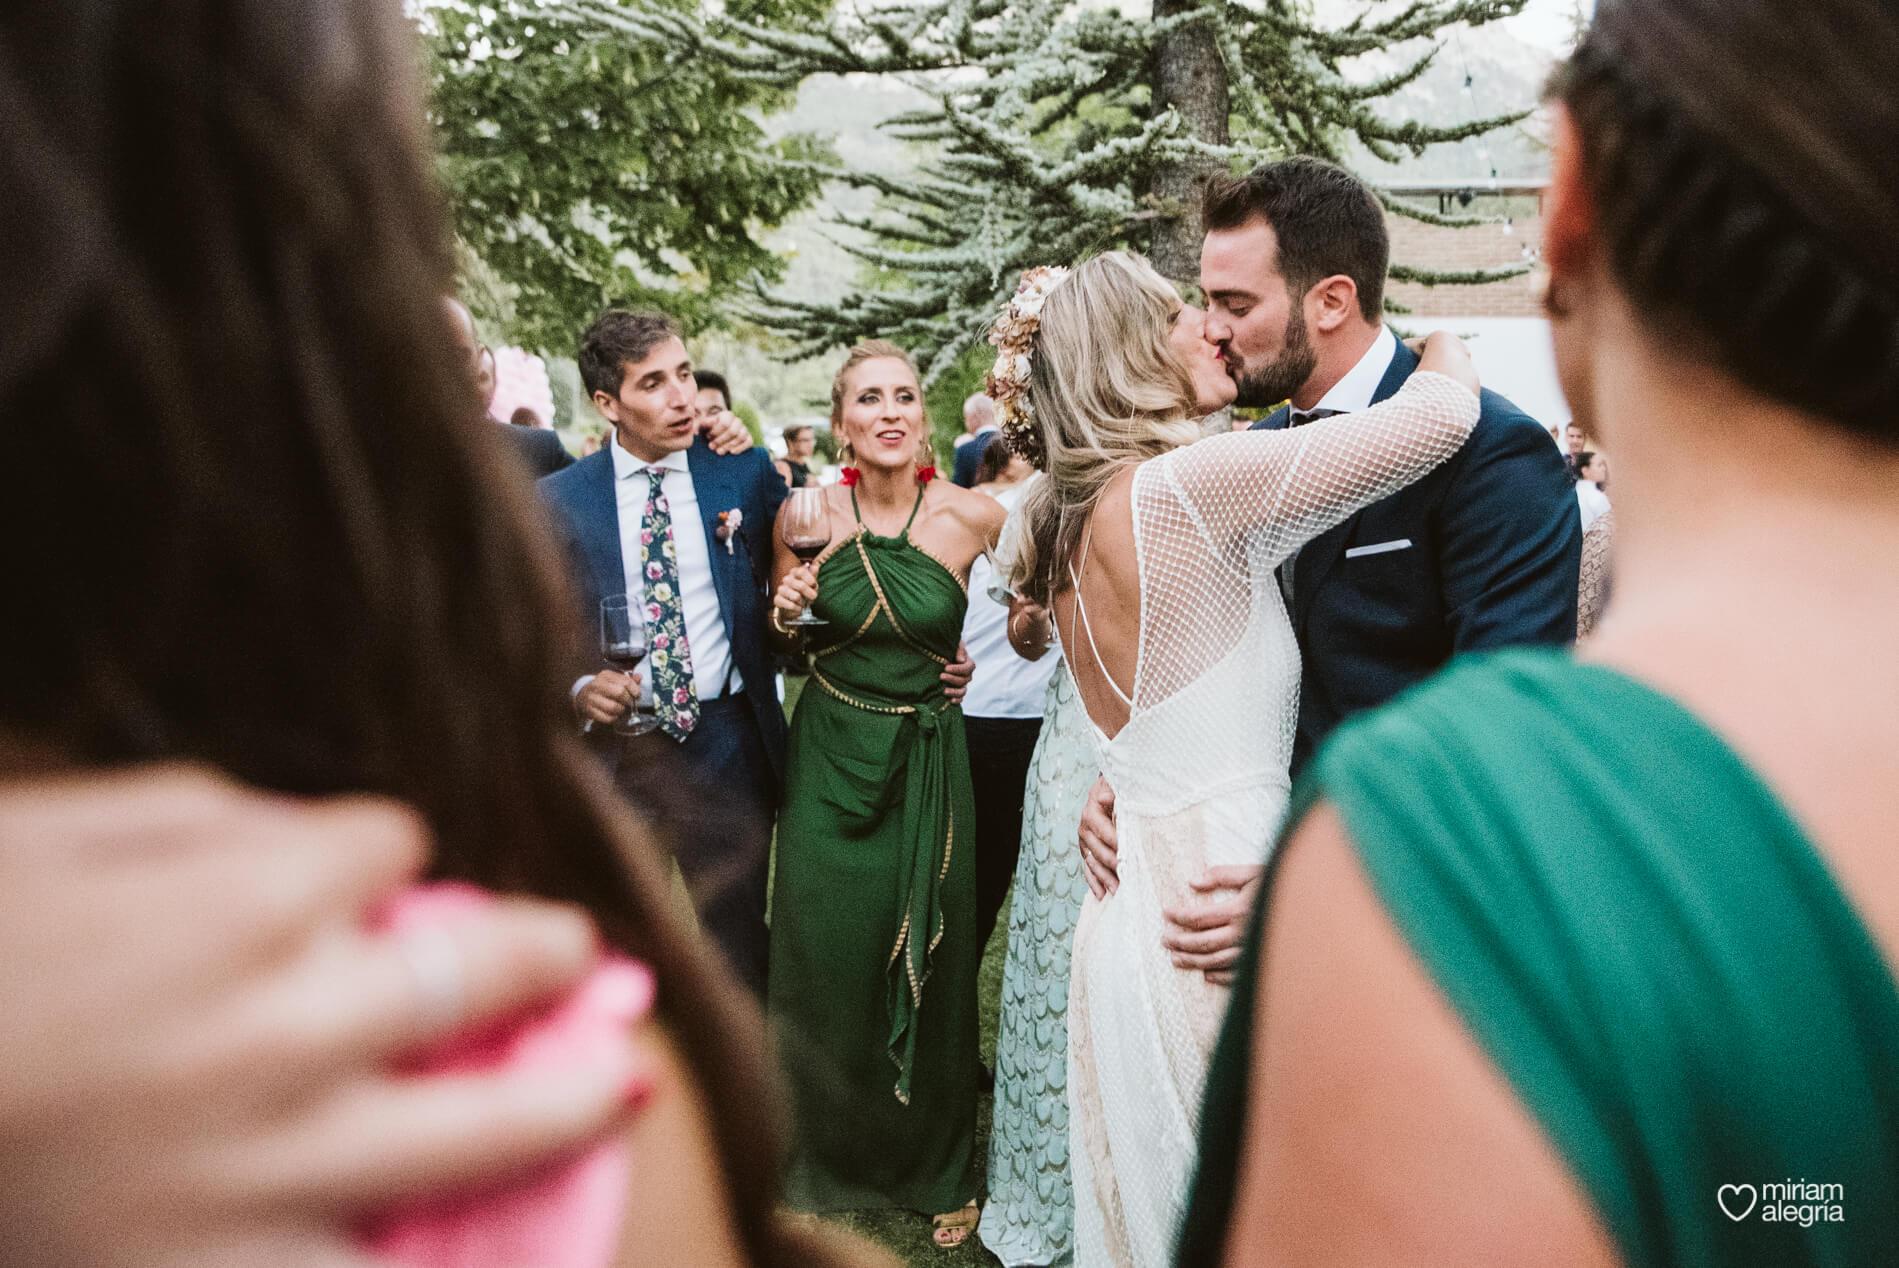 boda-en-collados-miriam-alegria-cayetana-ferrer-102